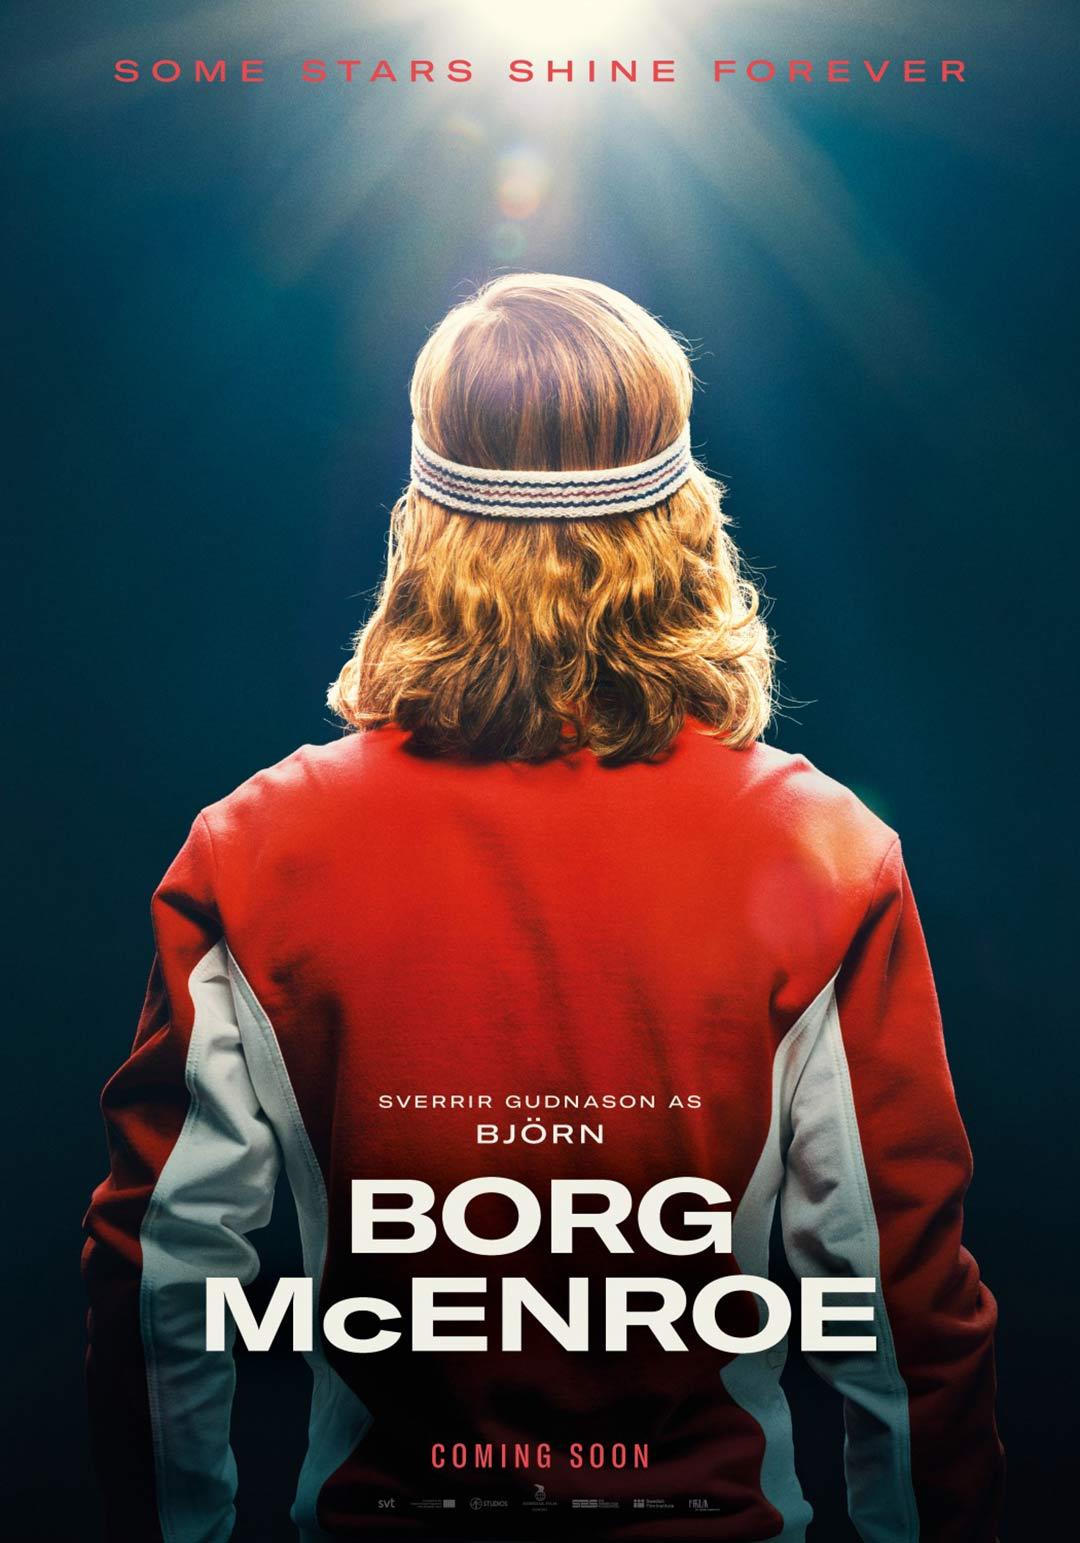 Borg Mcenroe Trailer